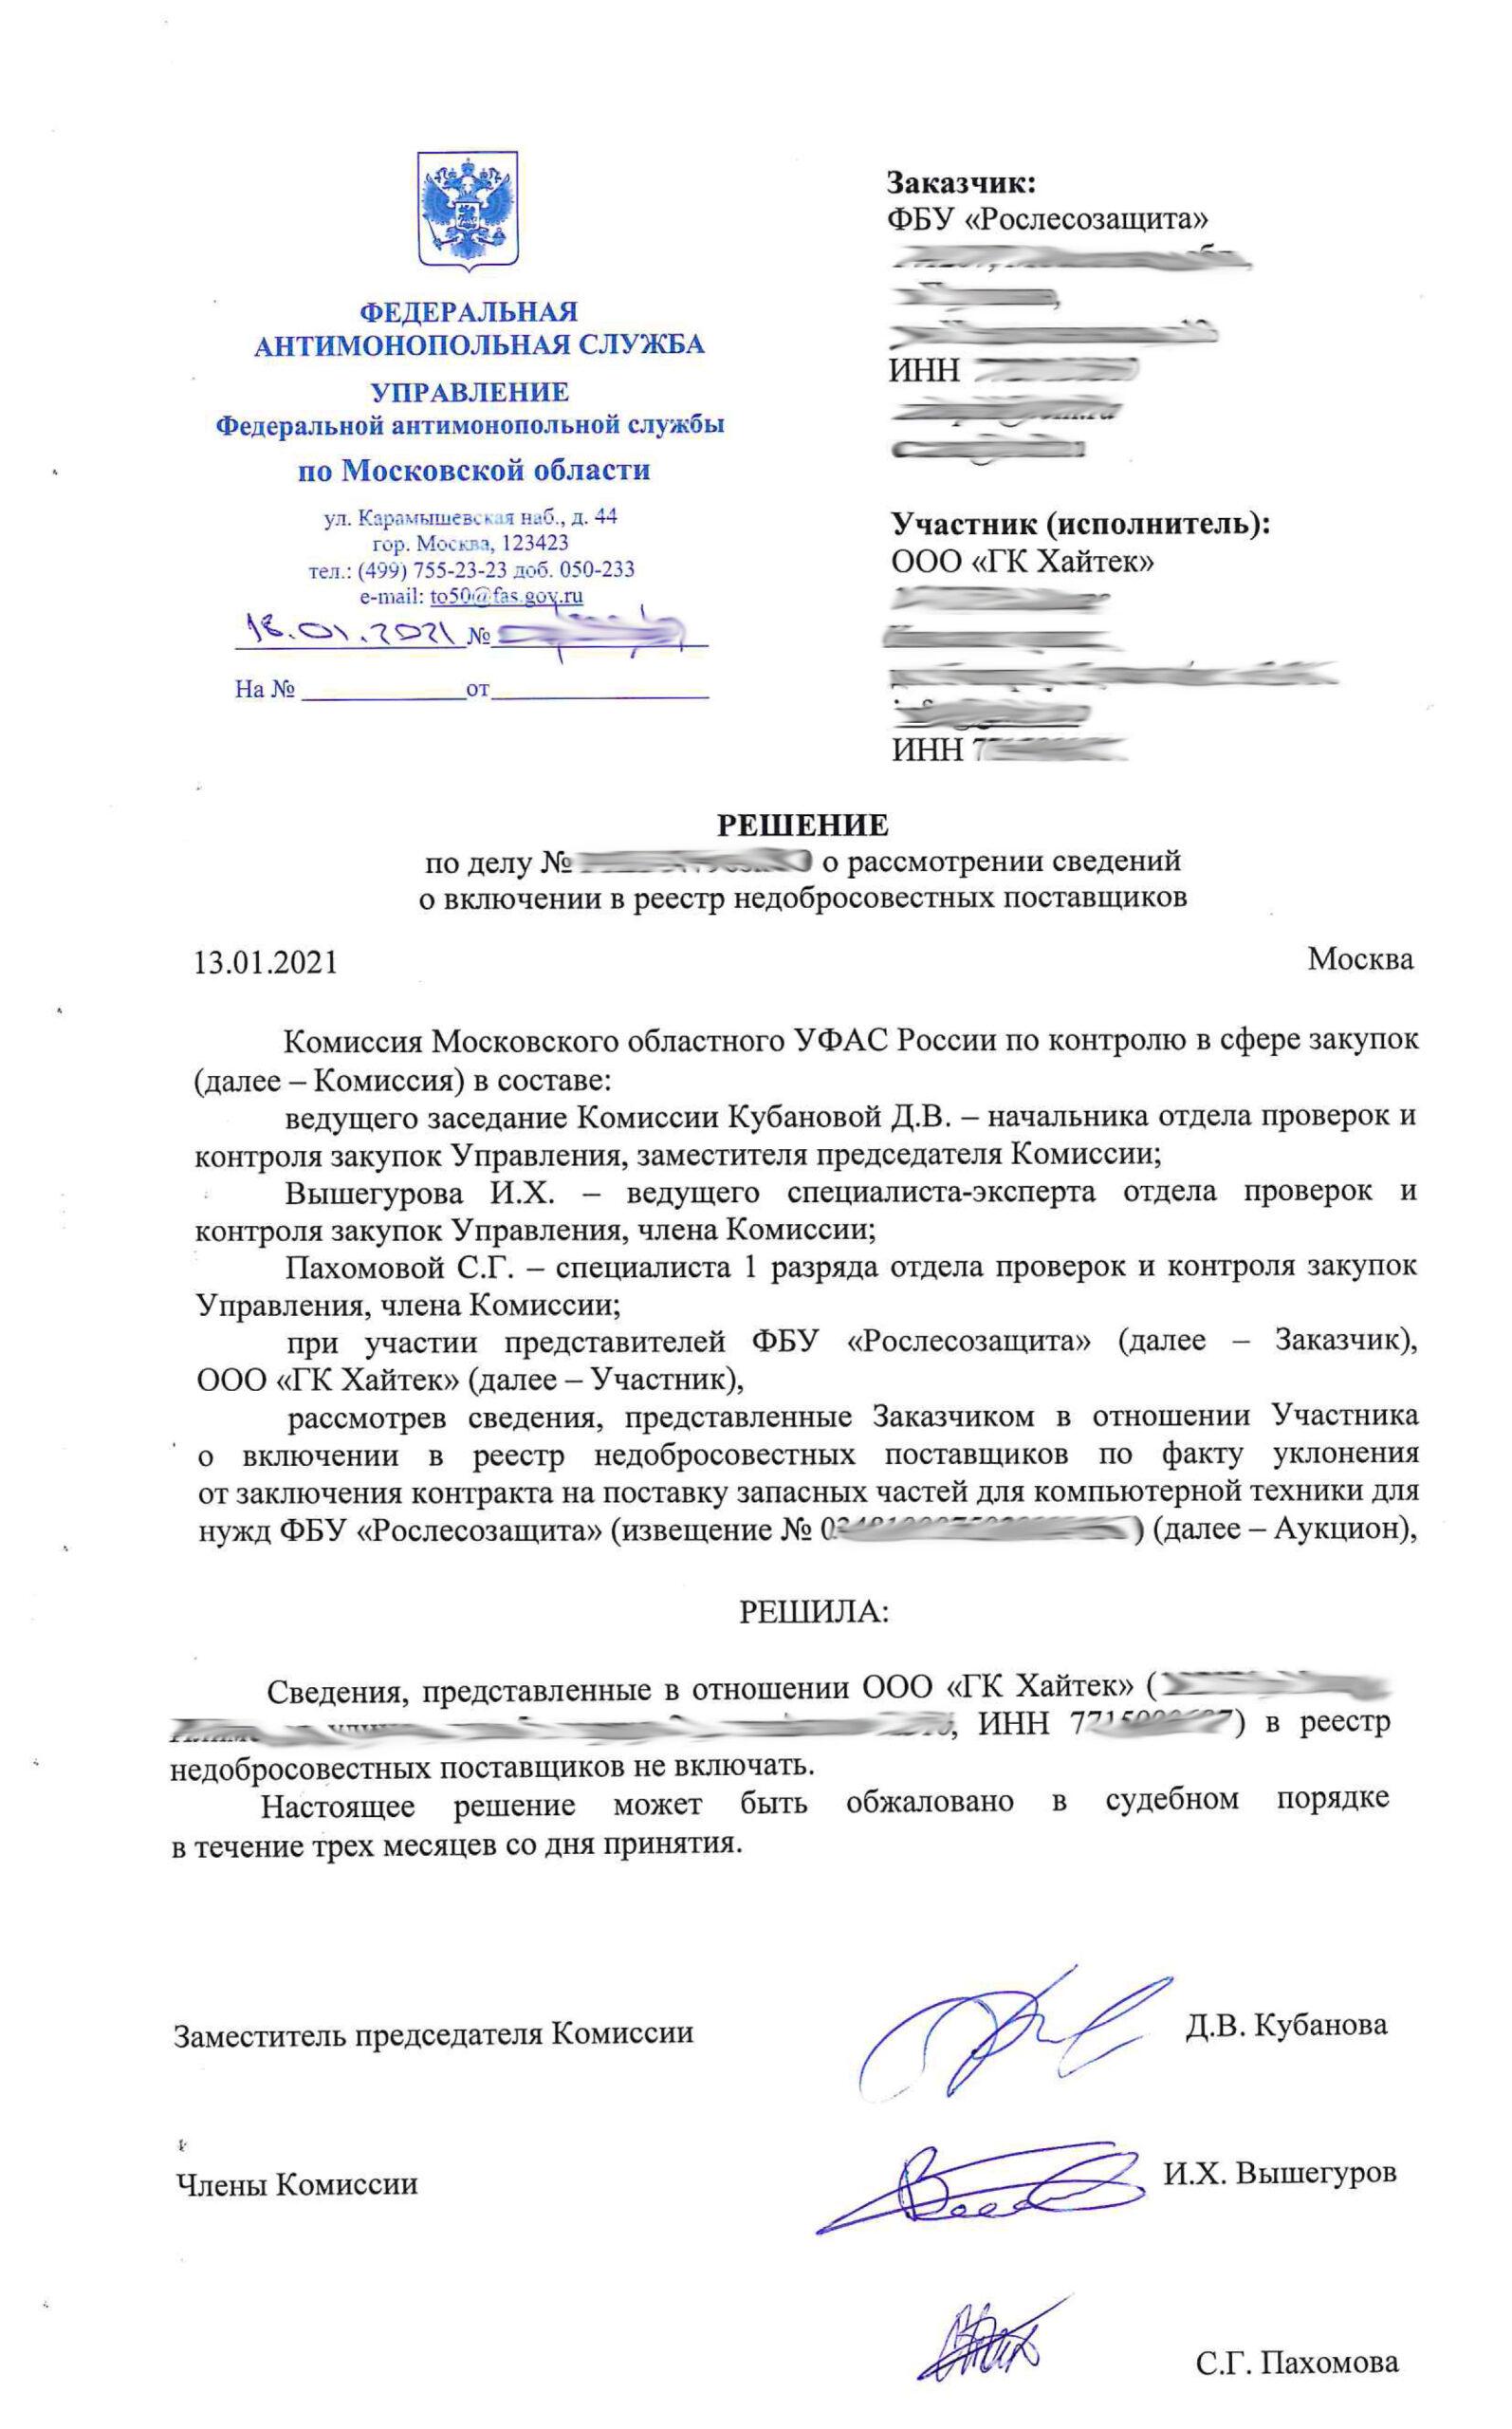 Мос обл УФАС ГК Хайтек